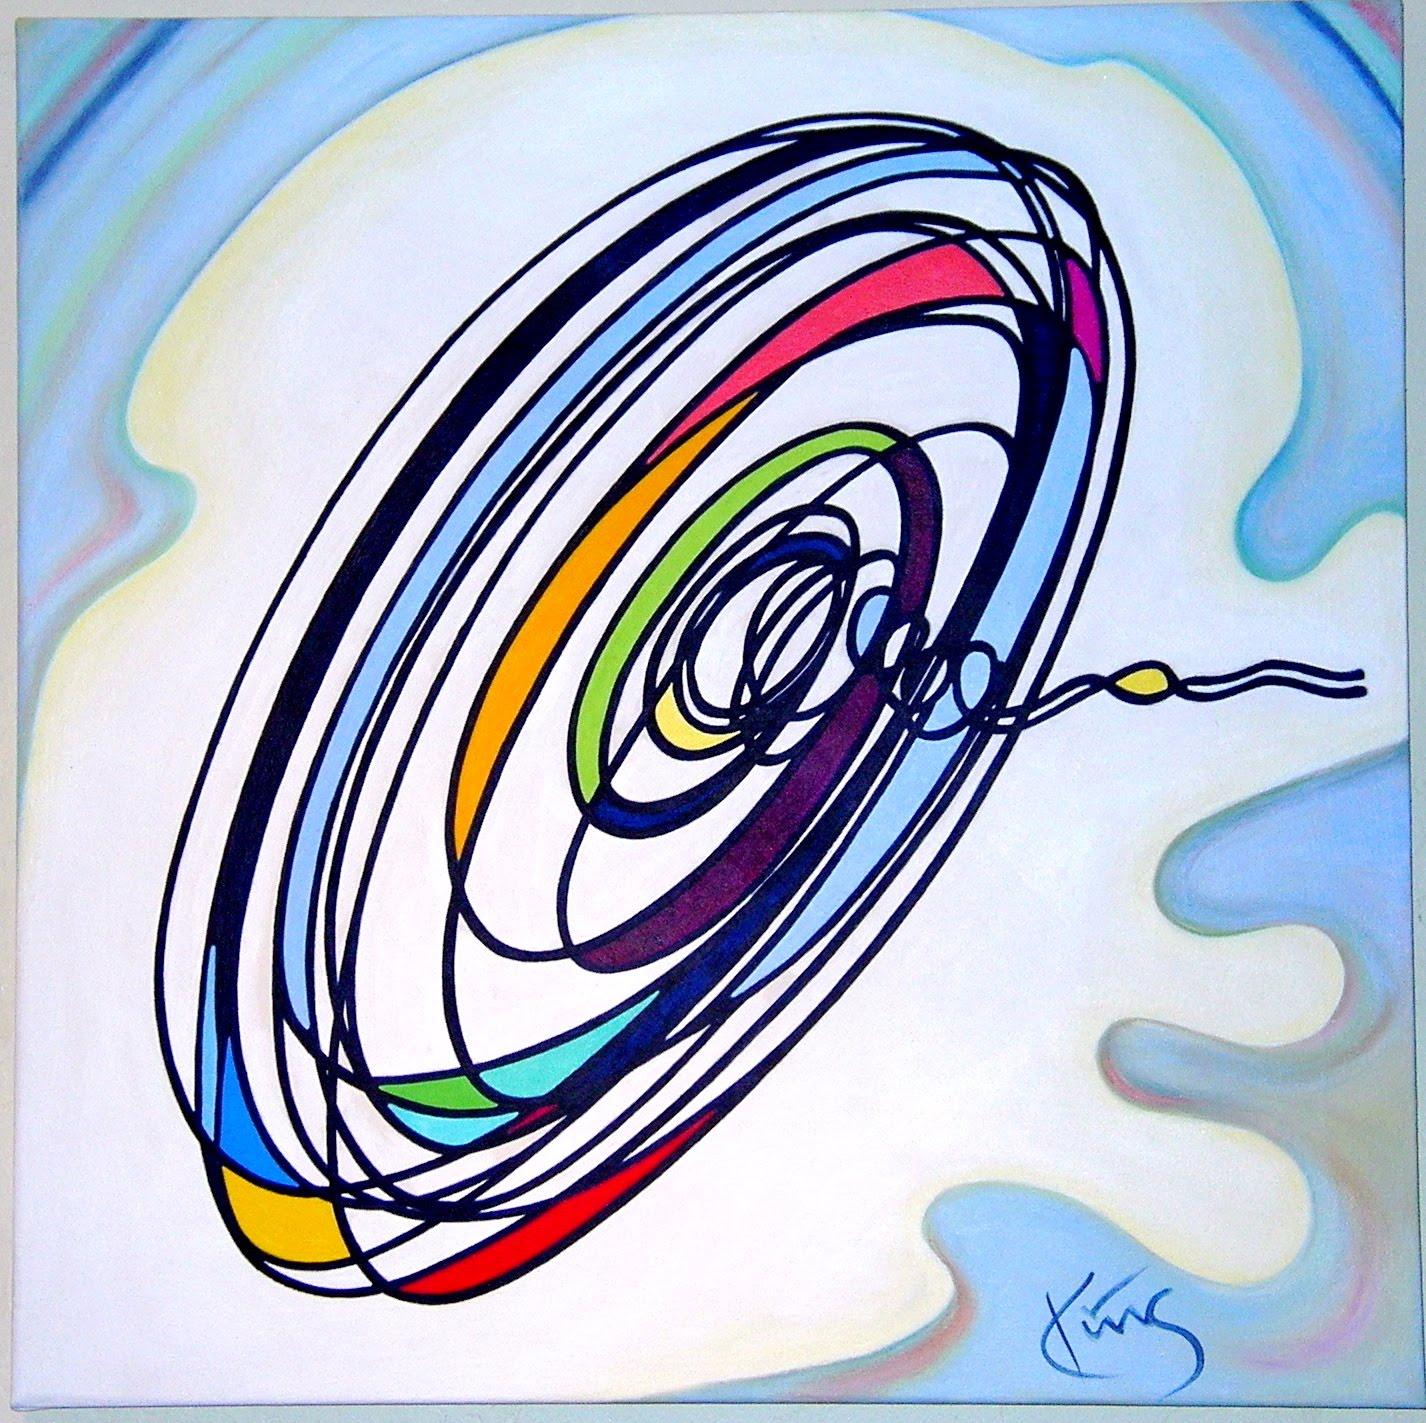 big_wheel